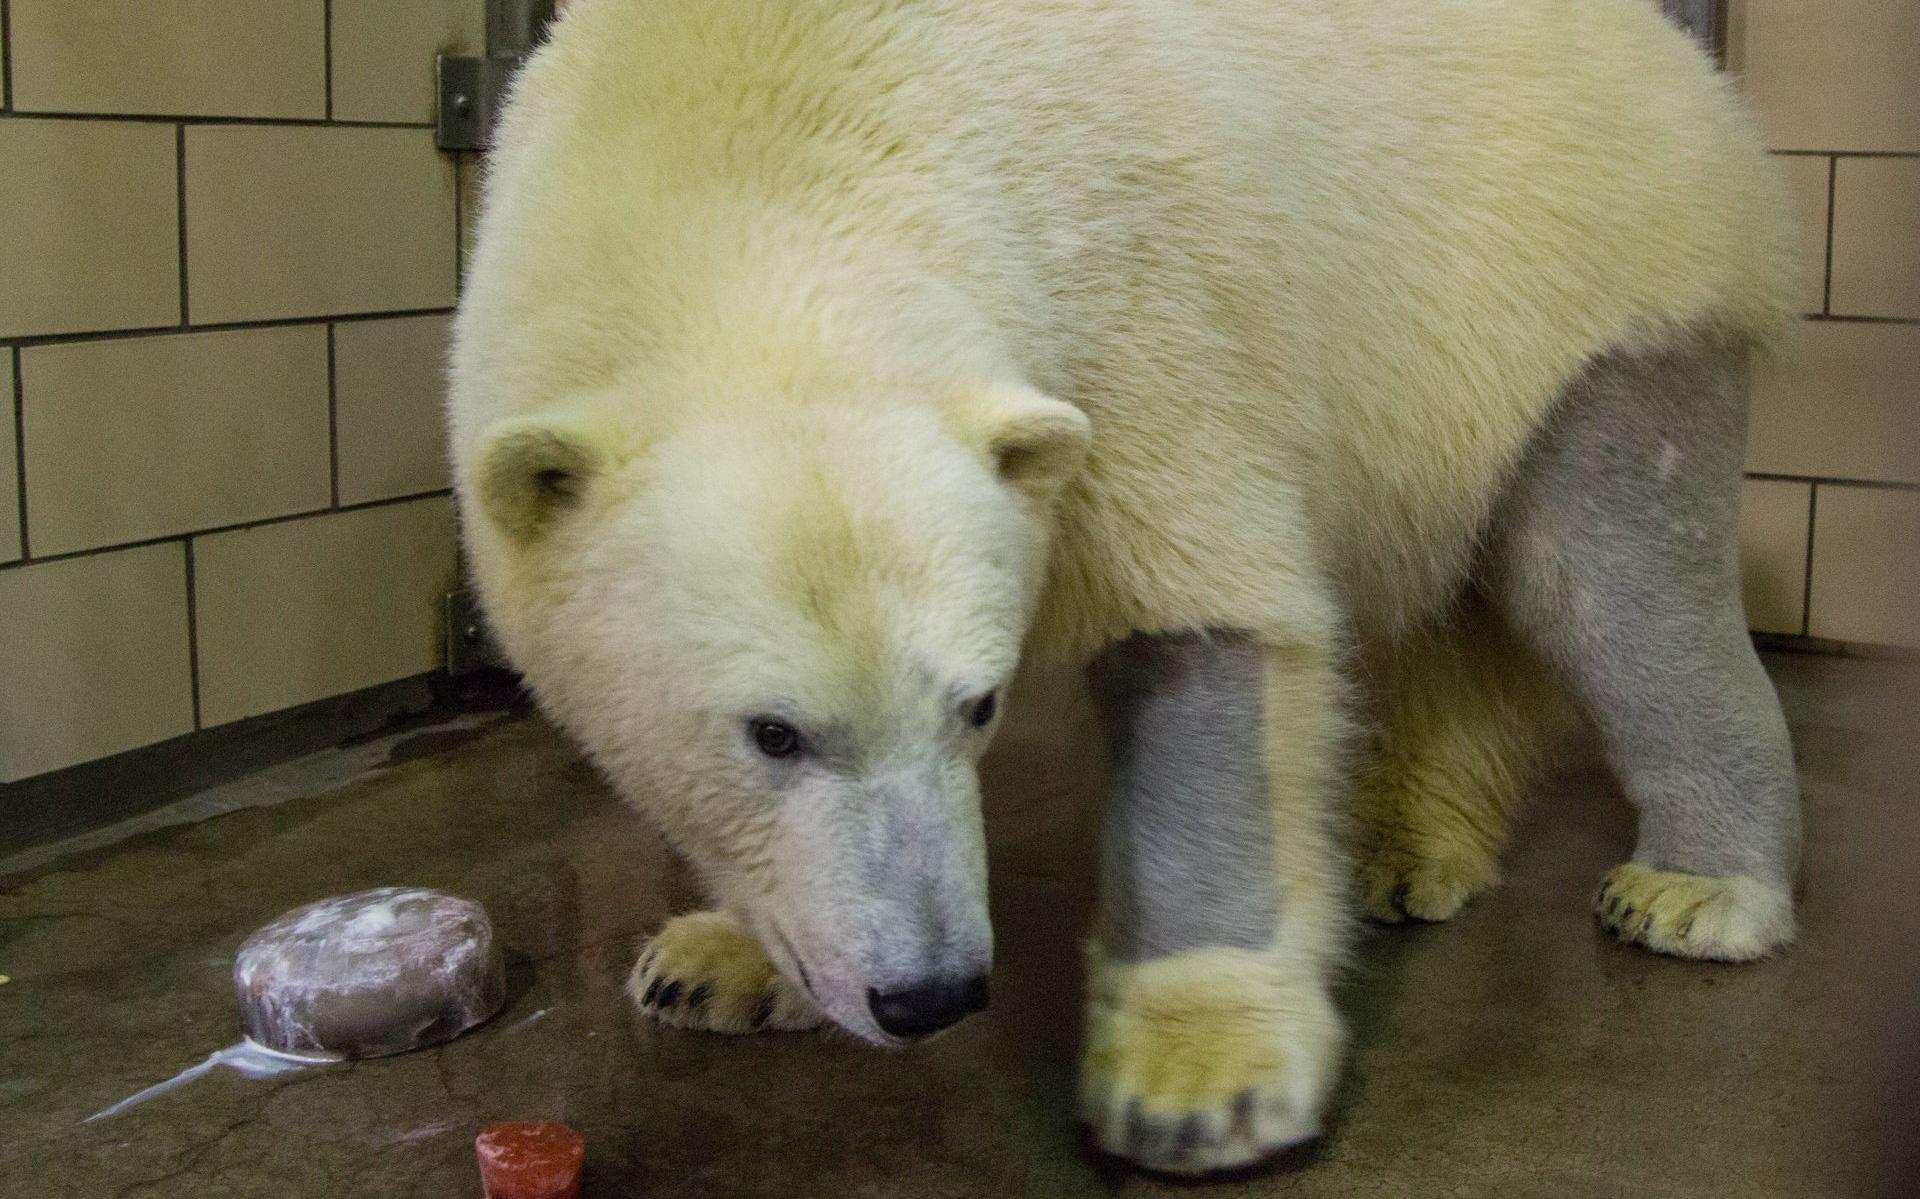 Gấu trắng có da màu đen? Những sự thật ít người biết về các loài động vật